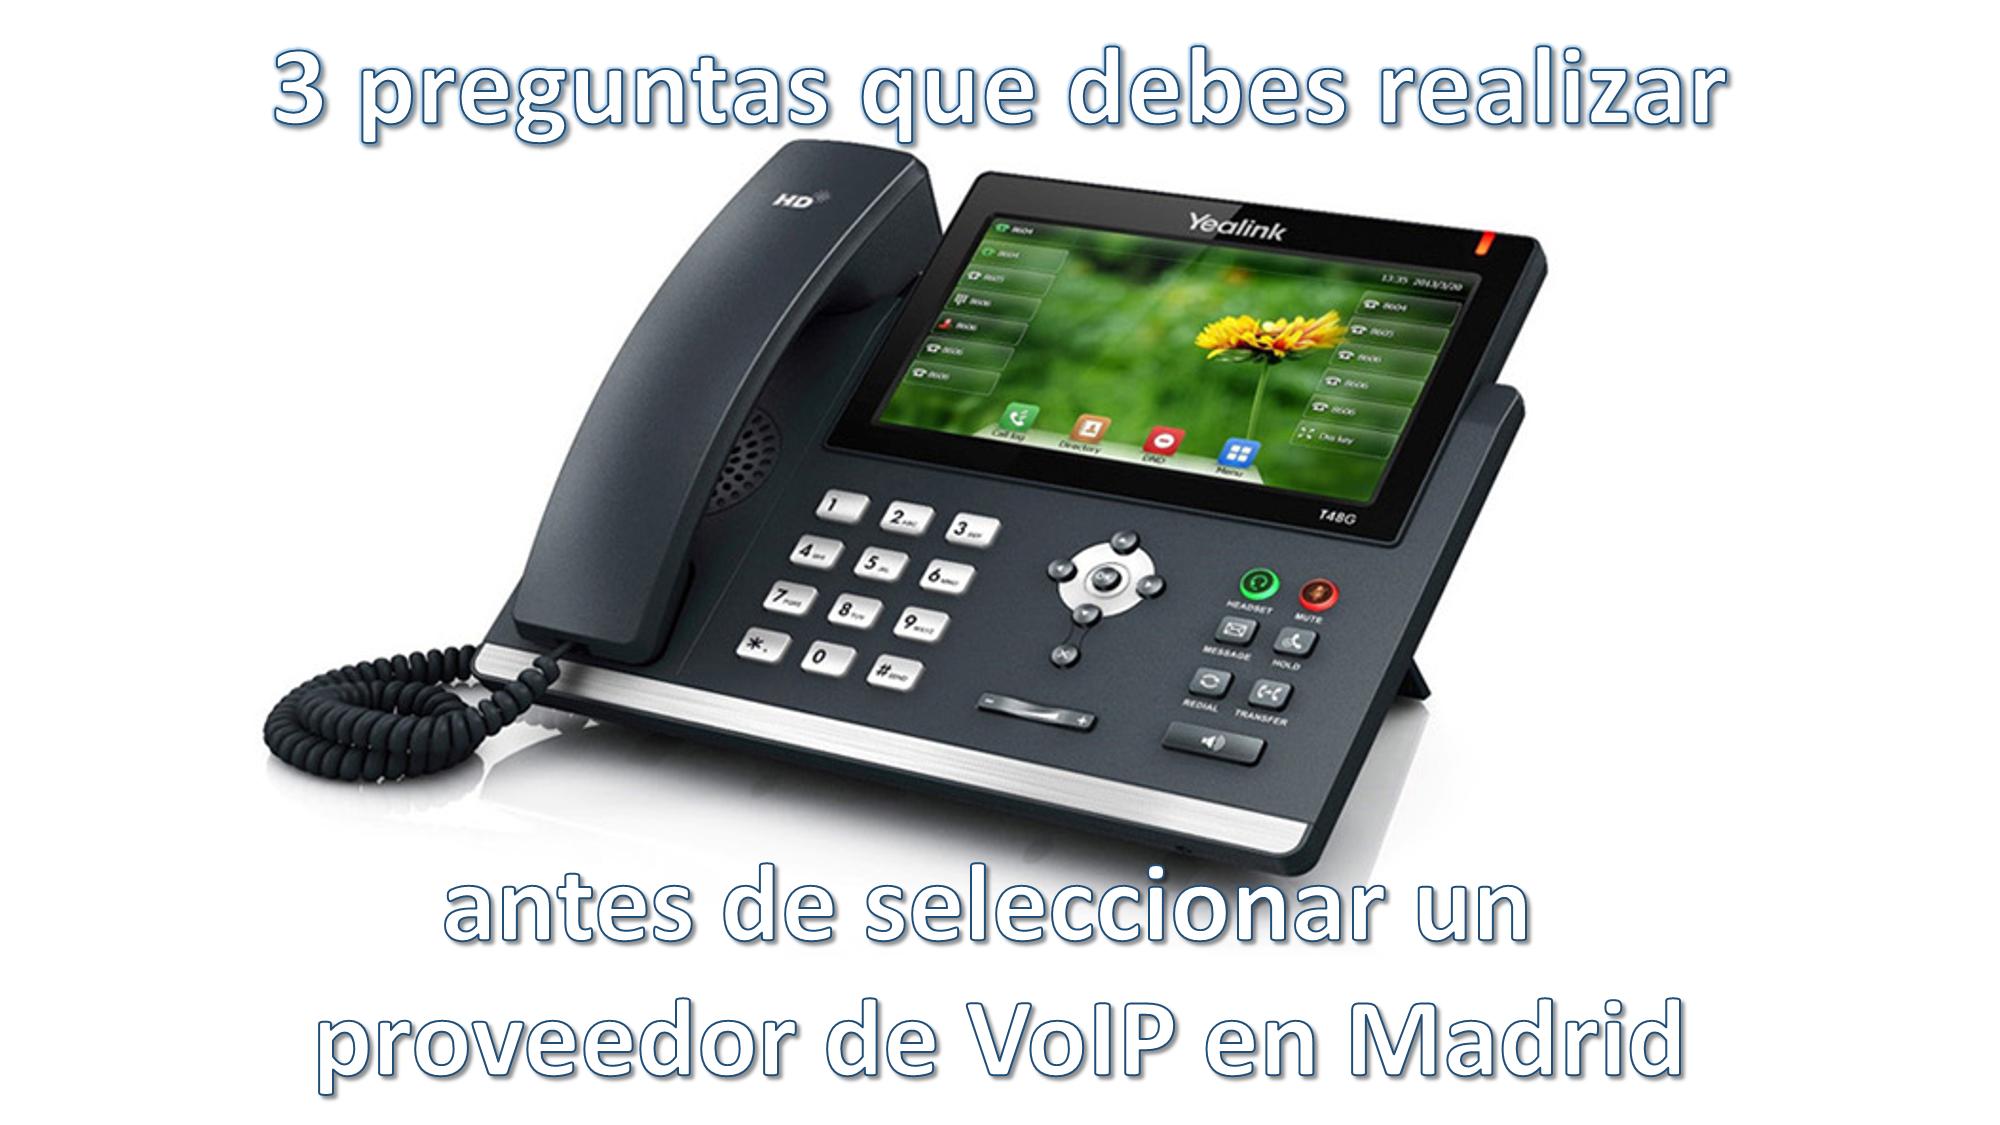 Proveedor de VoIP en Madrid